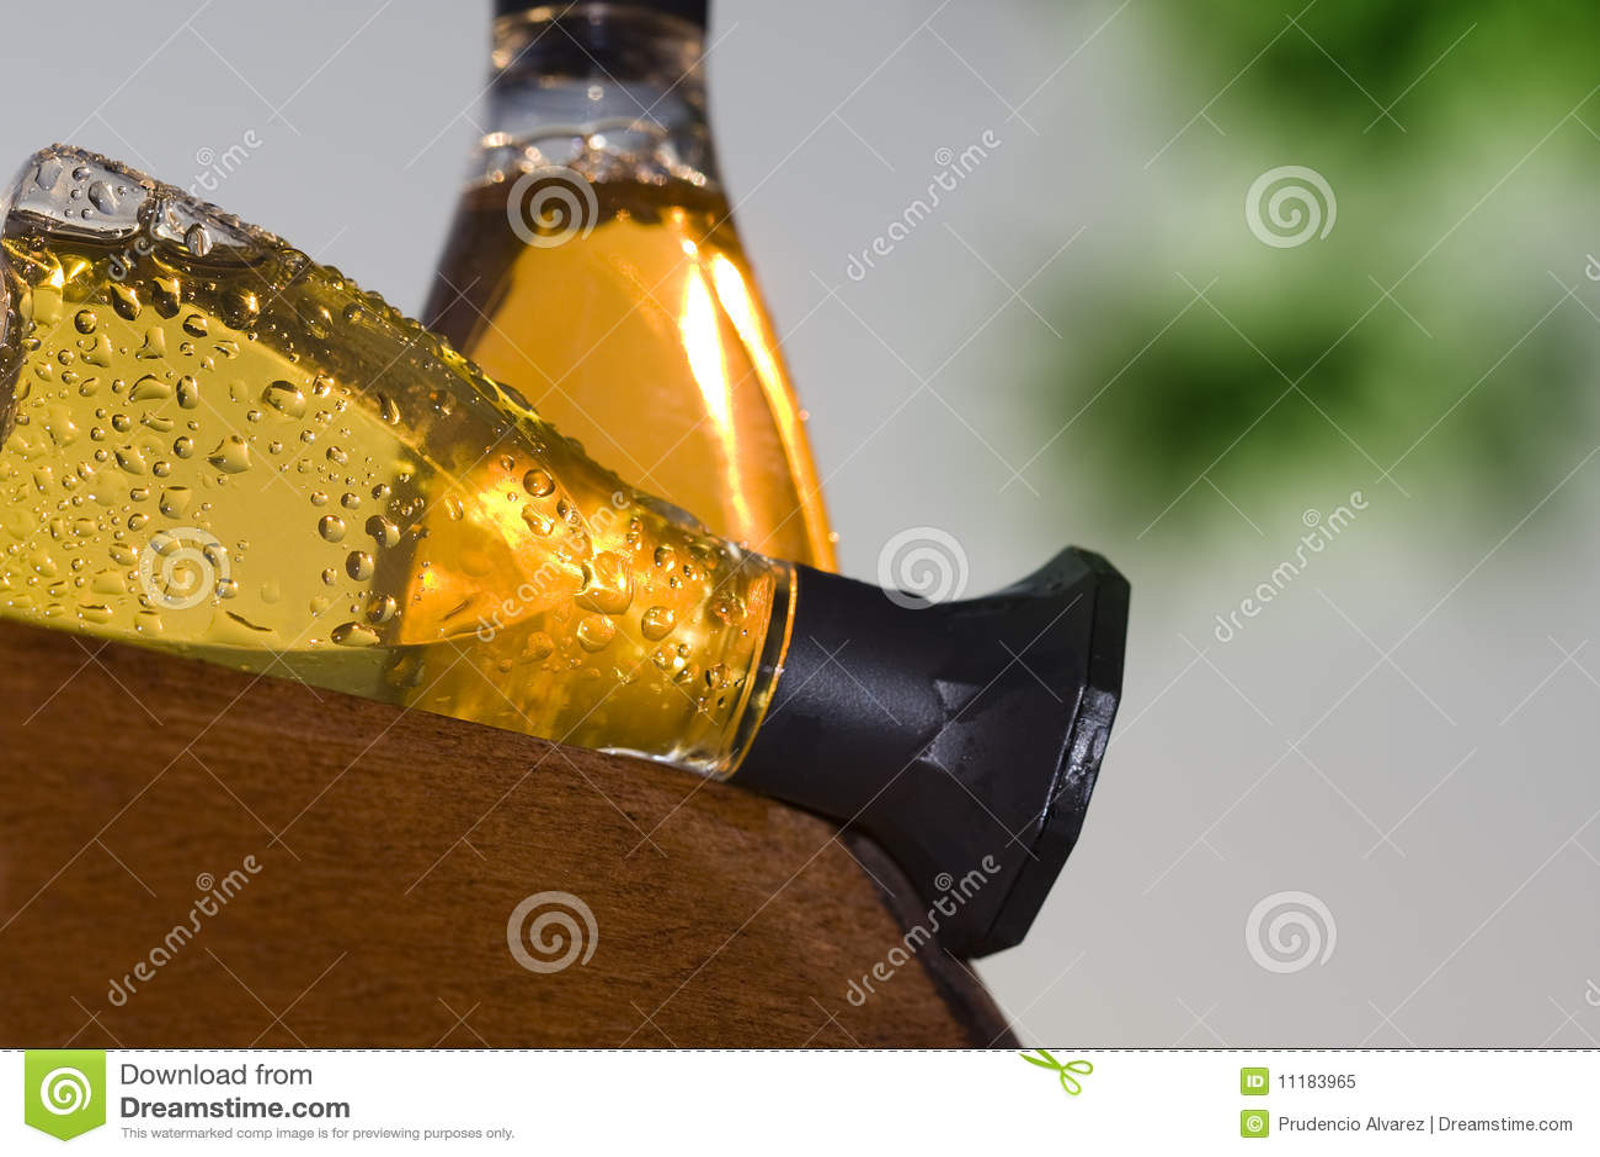 Fragancias y sabores, tratamiento e higiene